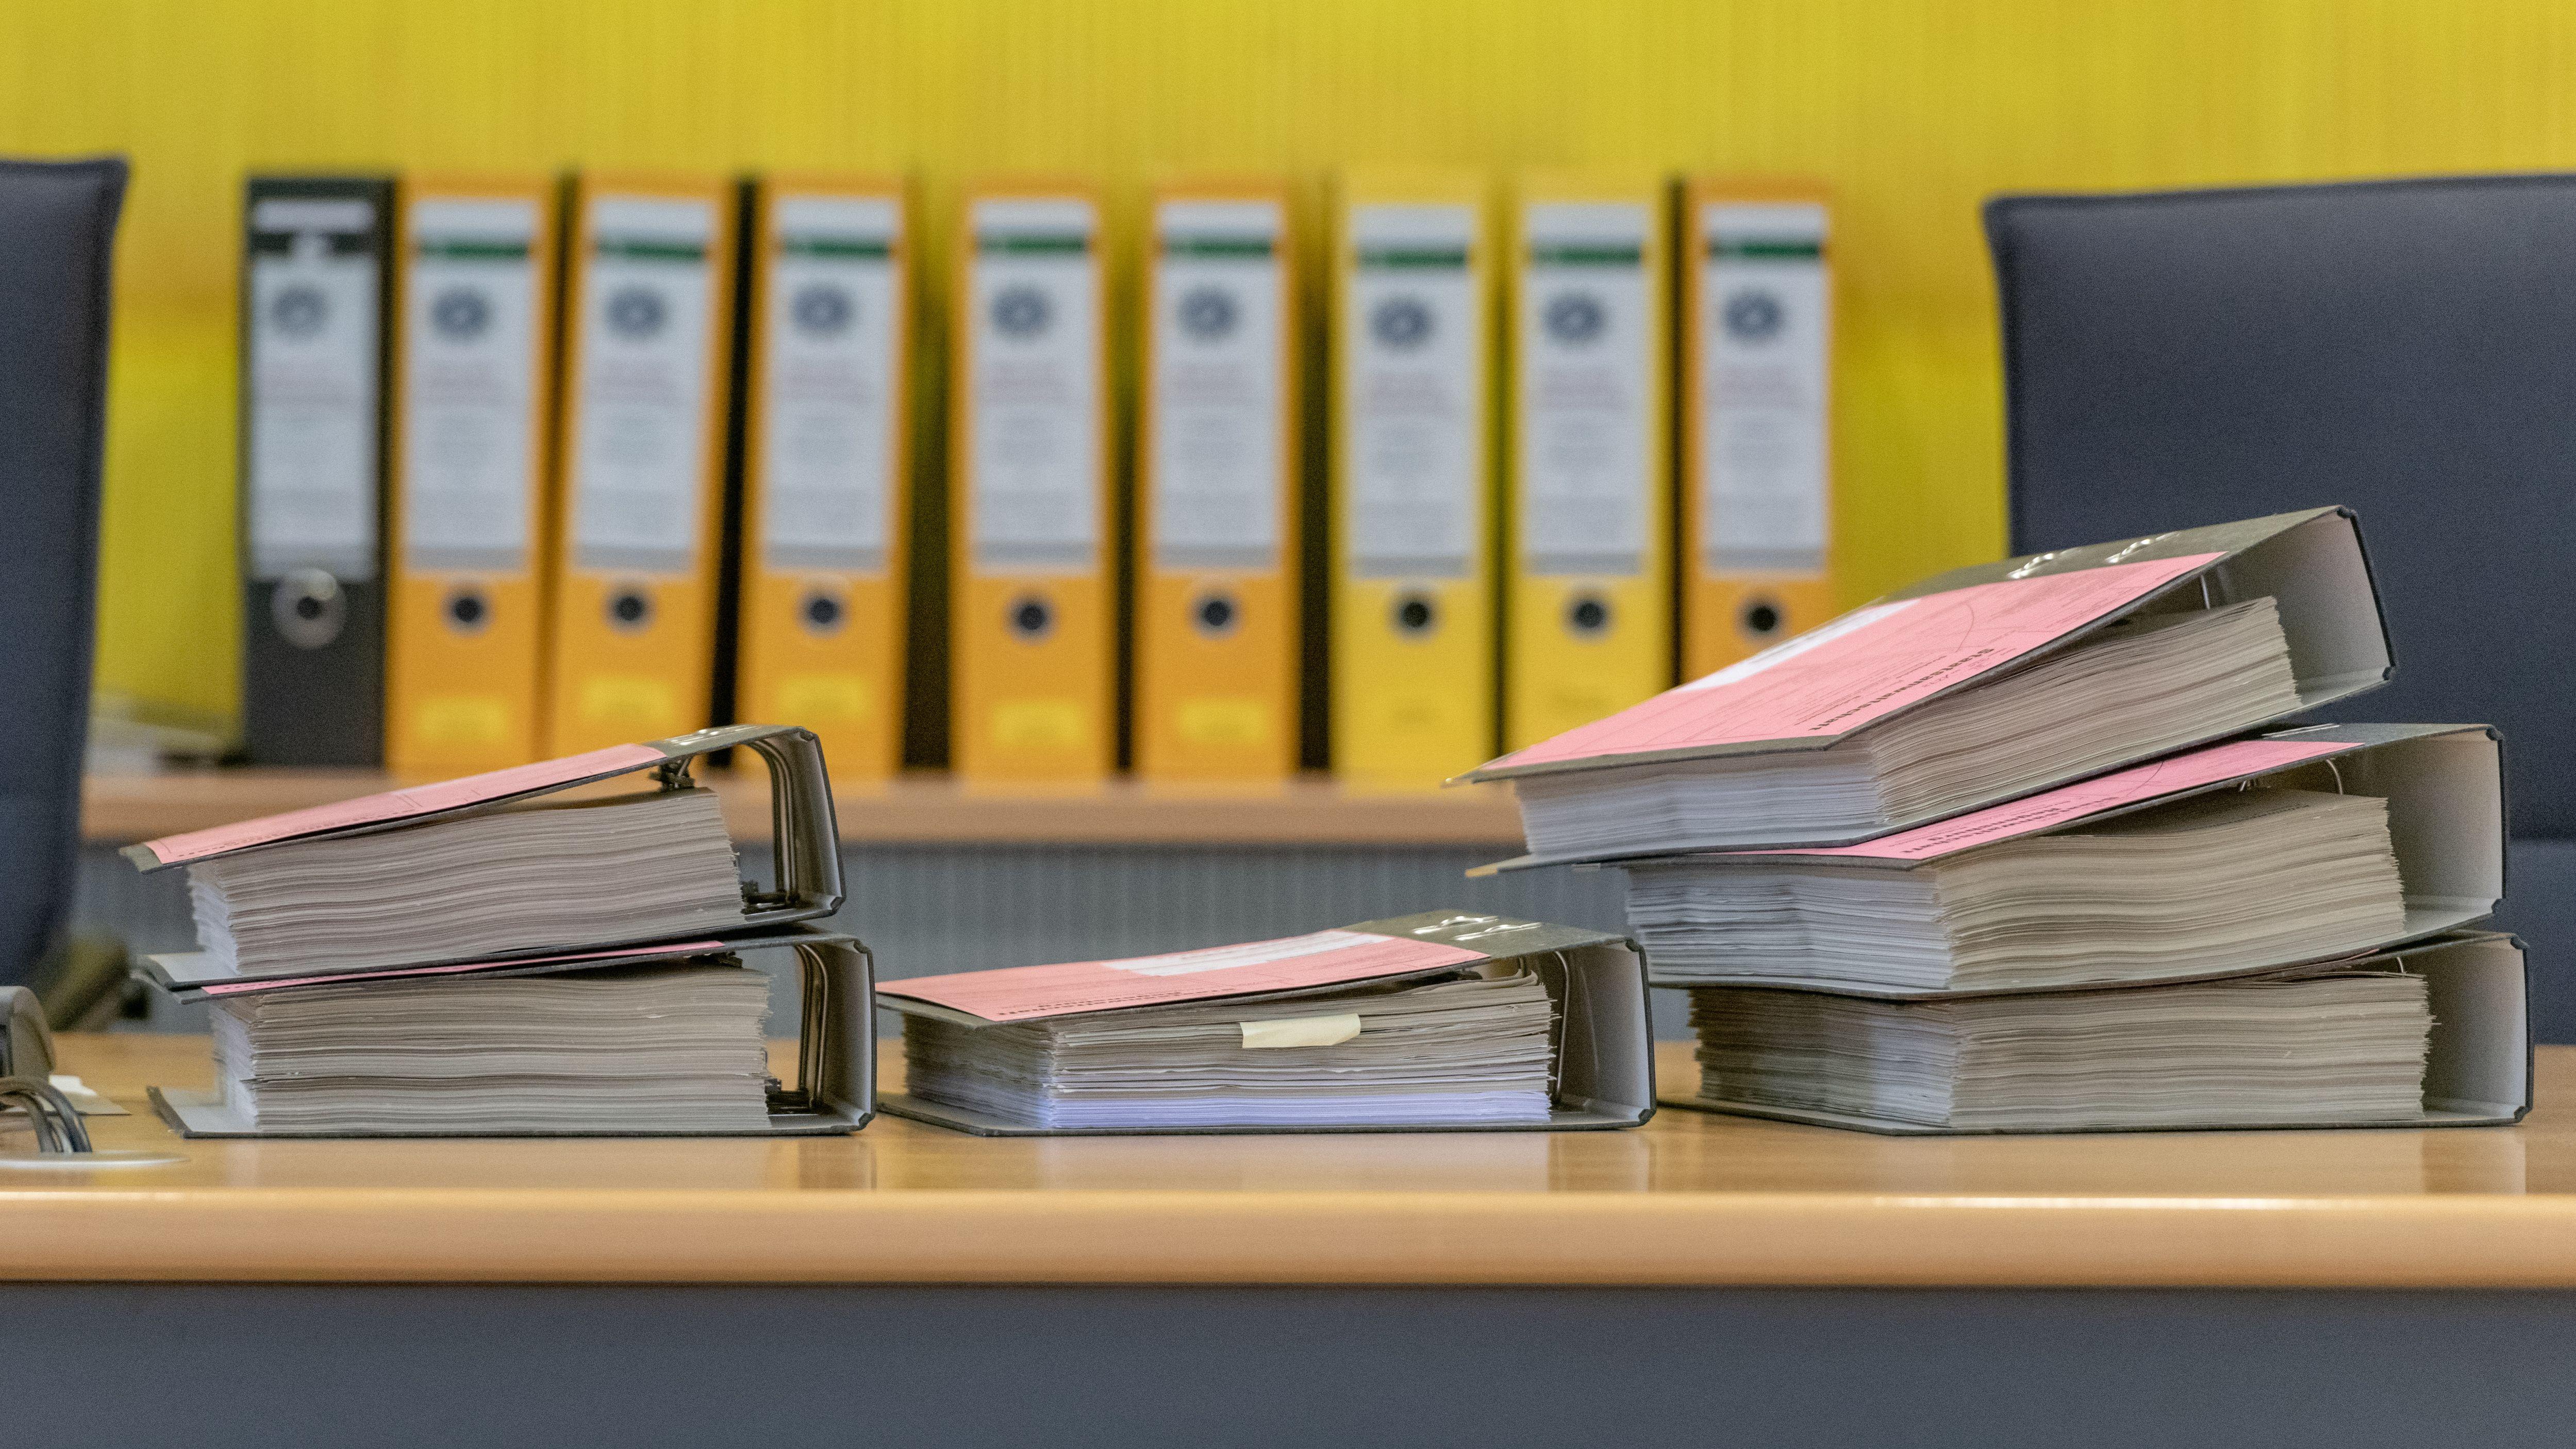 Wahlfälschungsprozess von Geiselhöring: Zahlreiche Akten liegen im Verhandlungssaal des Landgerichts.